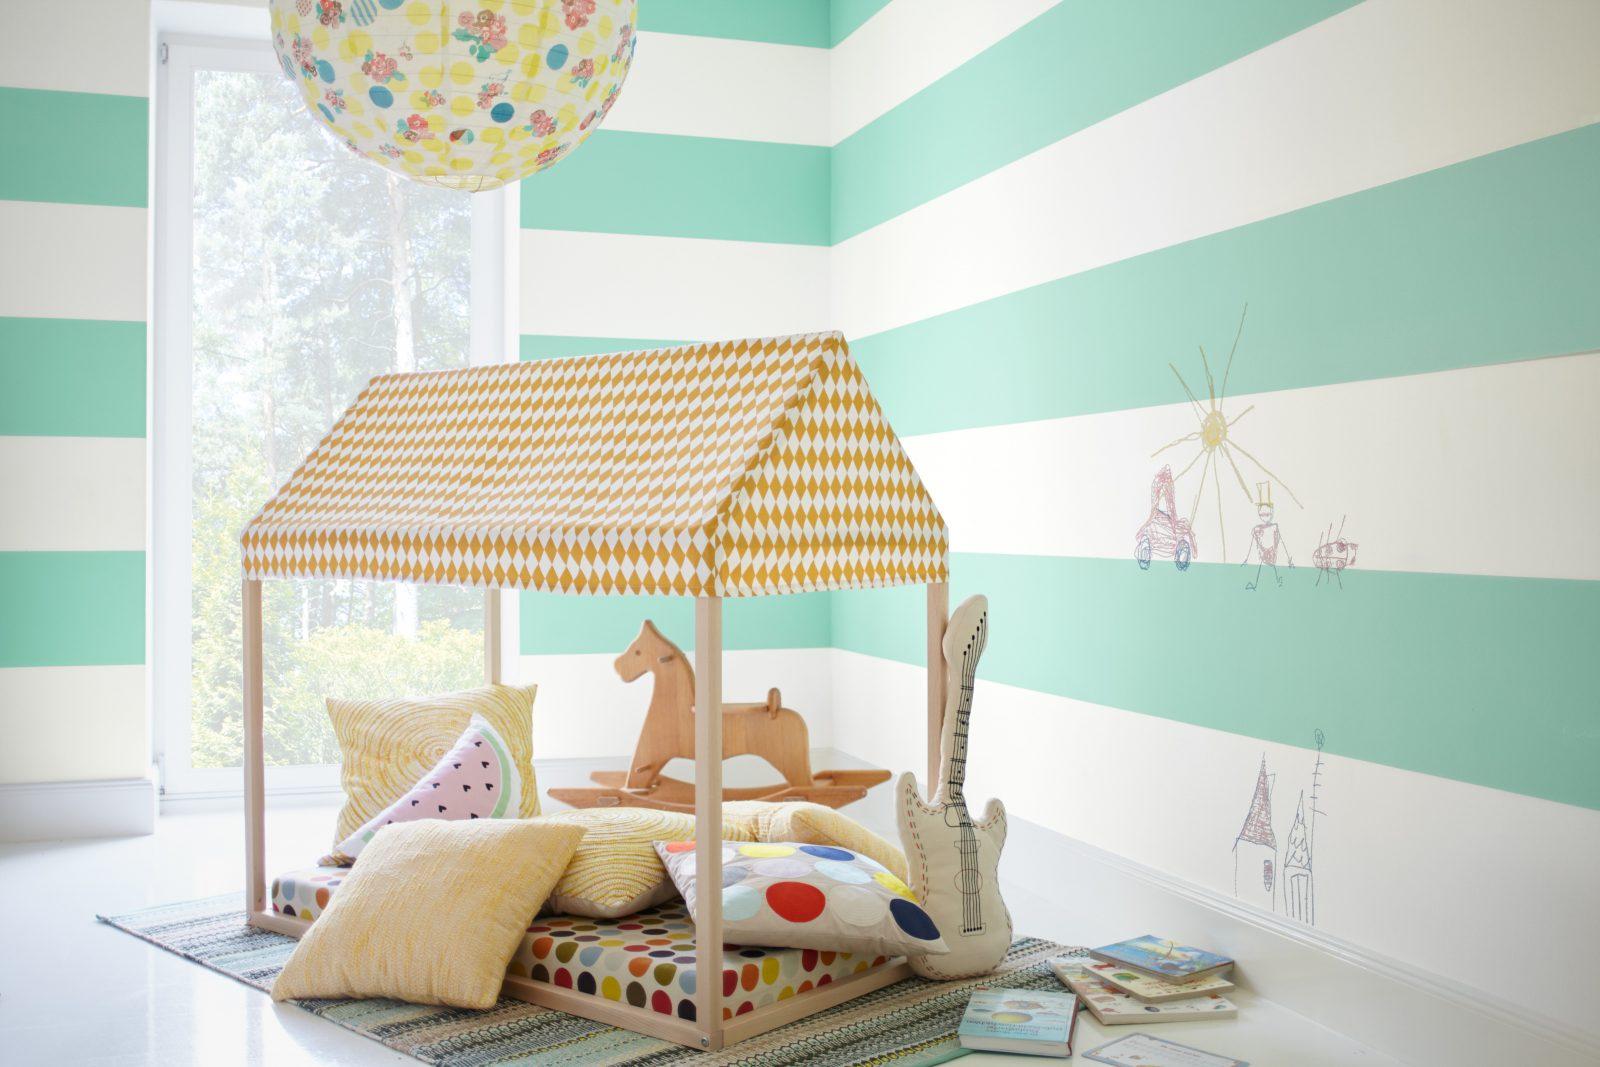 42 Interessant Babyzimmer Gestalten Wände Kleines von Babyzimmer Wände Gestalten Ideen Bild